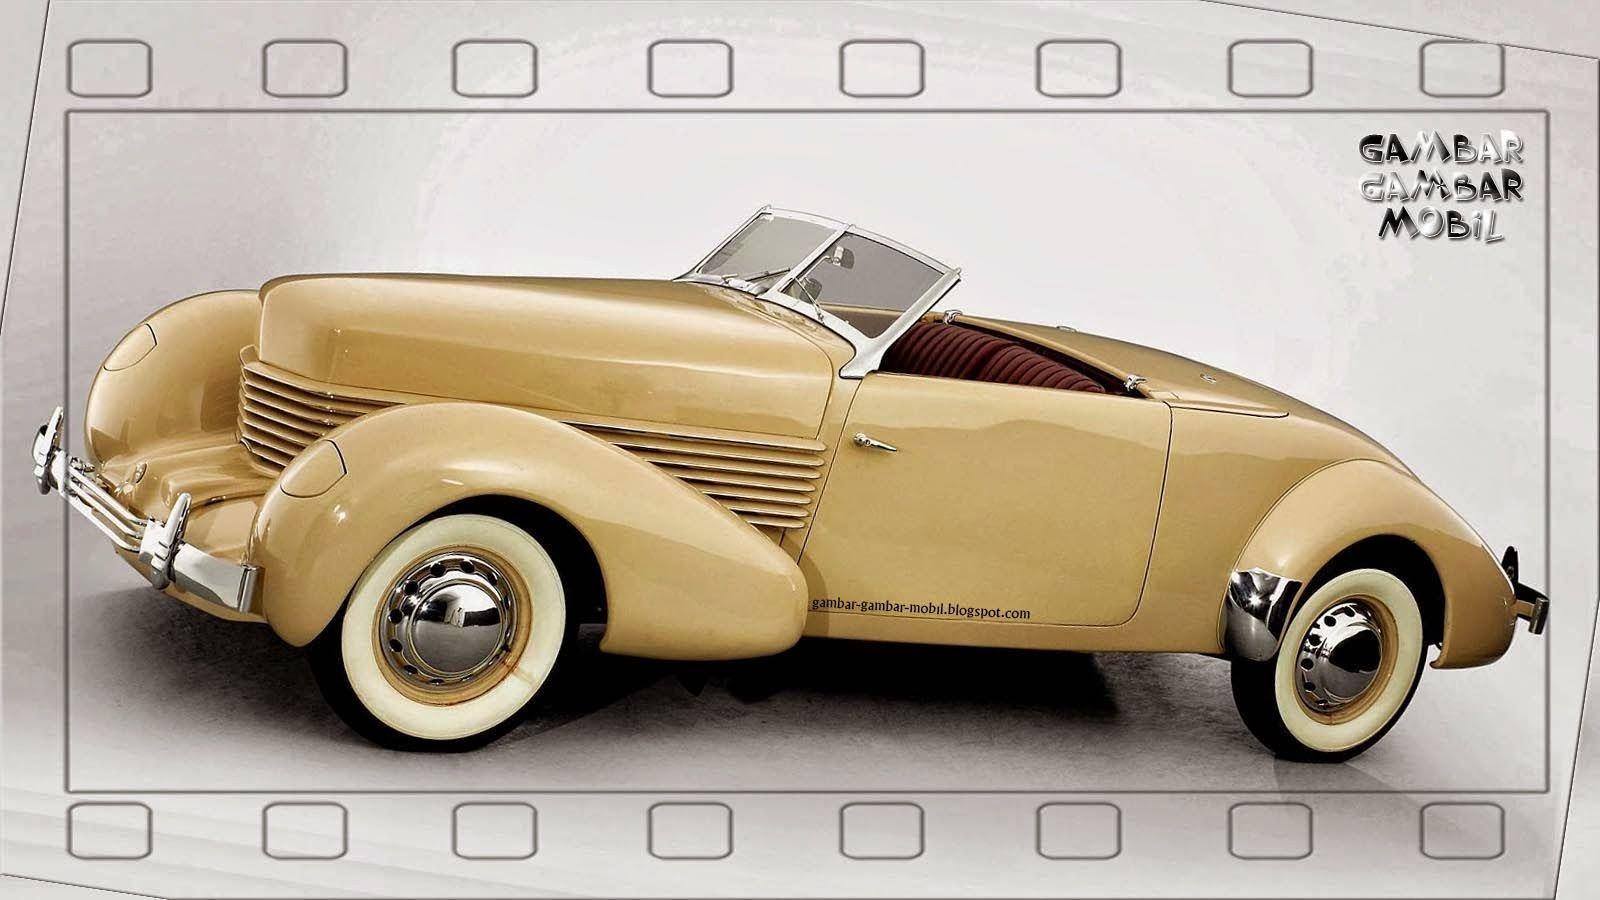 Gambar Mobil Jadul Gambar Gambar Mobil Mobil Chevrolet Mobil Baru